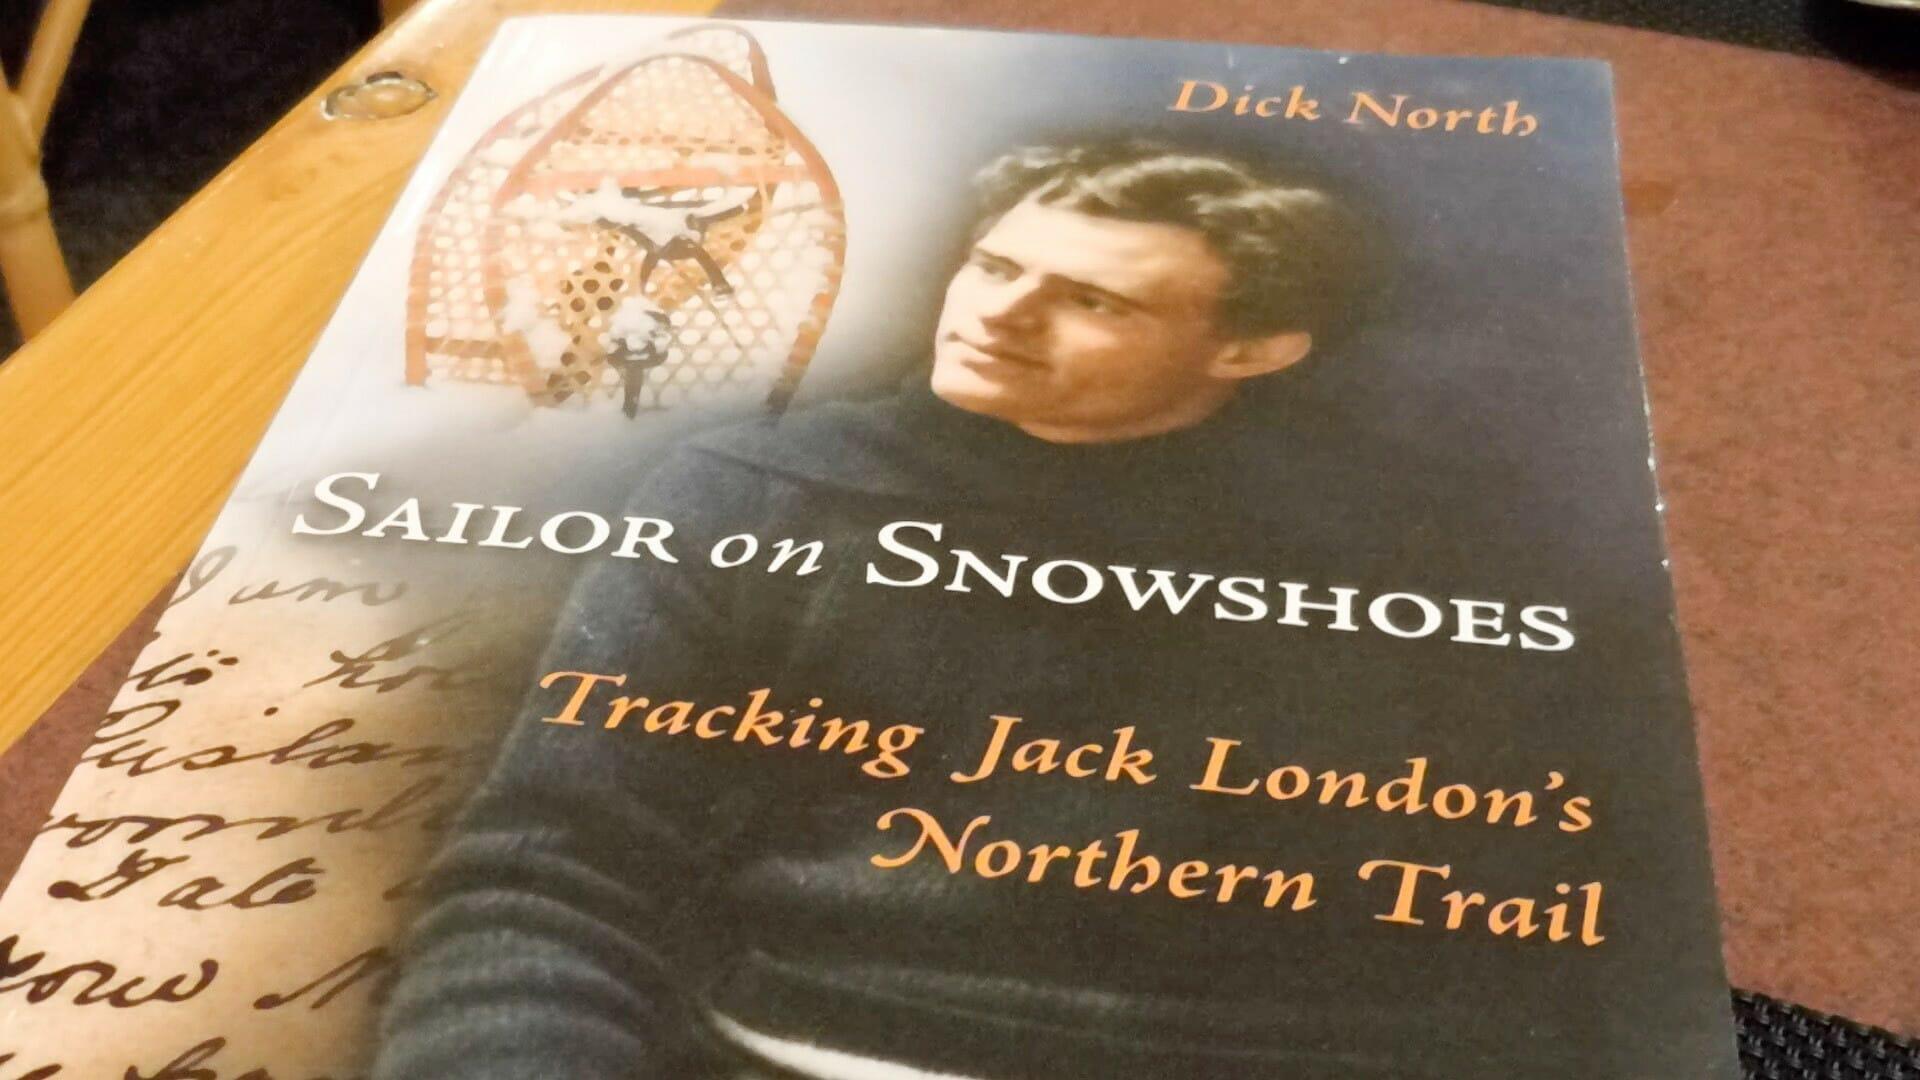 »Sailor on Snowshoes« von Dick North. Das wohl fundierteste Buch über Jack London. North entdeckte auch die Hütte des Schriftstellers in den 1960er-Jahren.